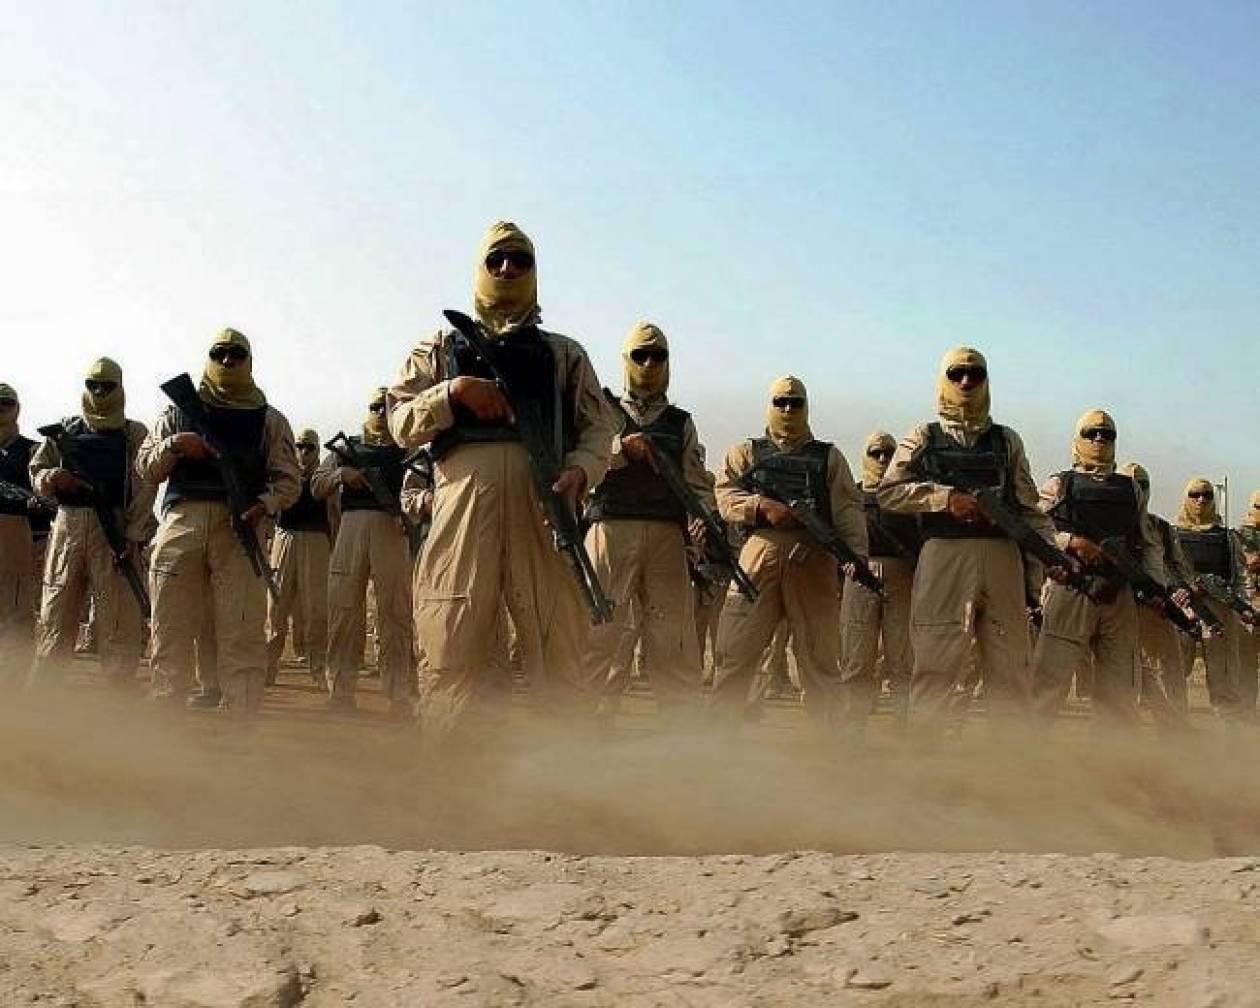 Ιράκ: Εννέα άνθρωποι βρέθηκαν δολοφονημένοι